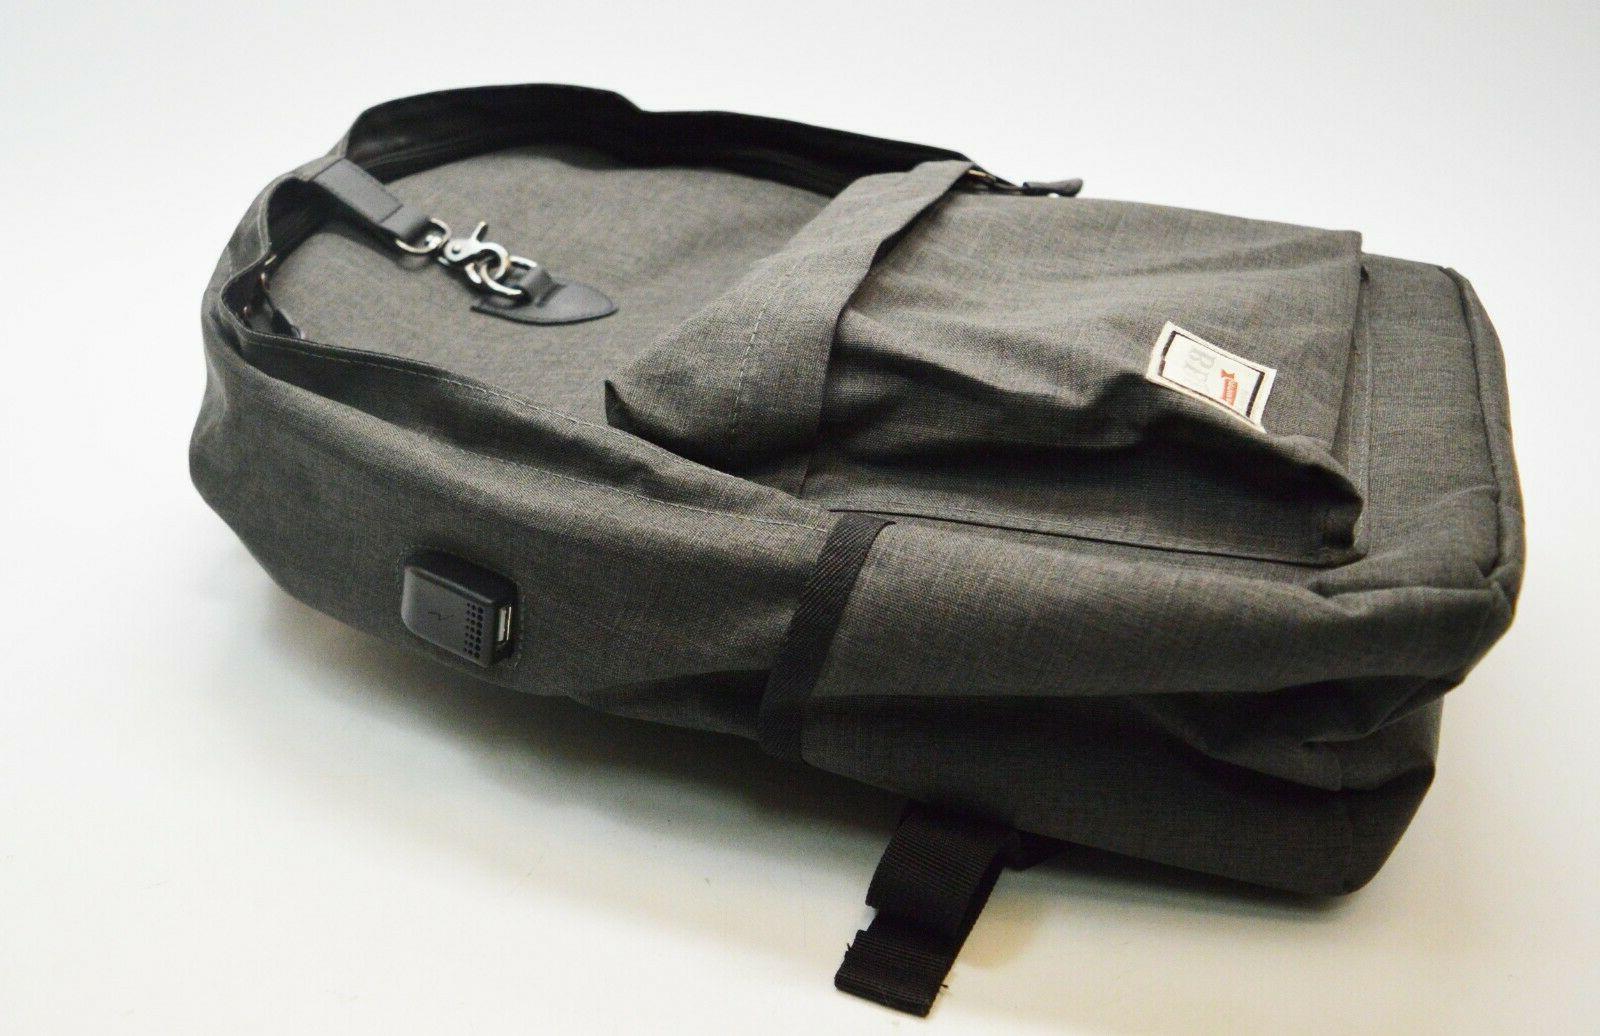 Beyle Backpack Water Resistant Plug-In Travel